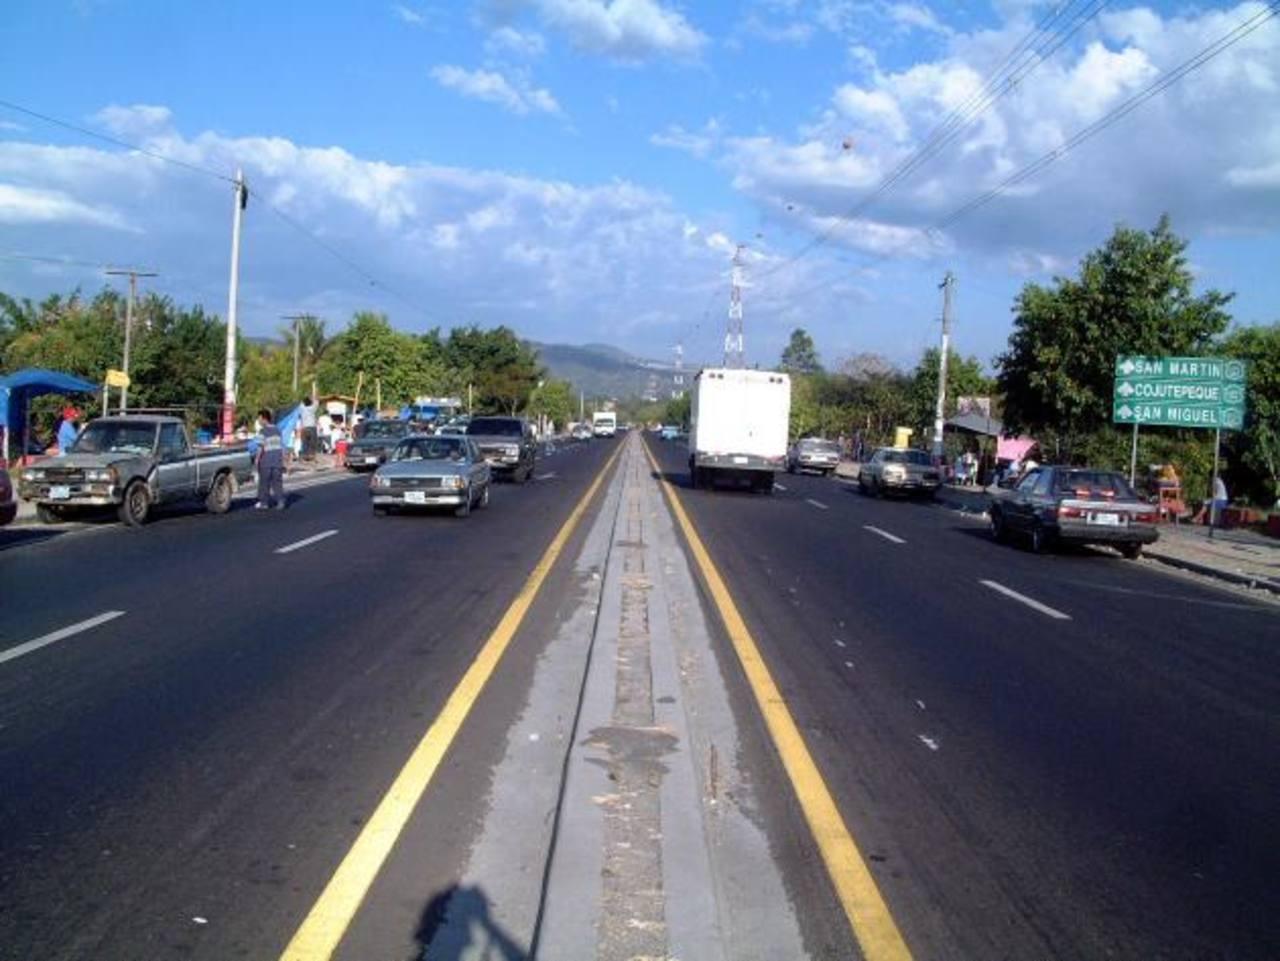 Un tramo de 800 metros desde Unicentro Soyapango hacia San Martín (paso a desnivel) será cerrado por casi un mes. Foto/ Archivo